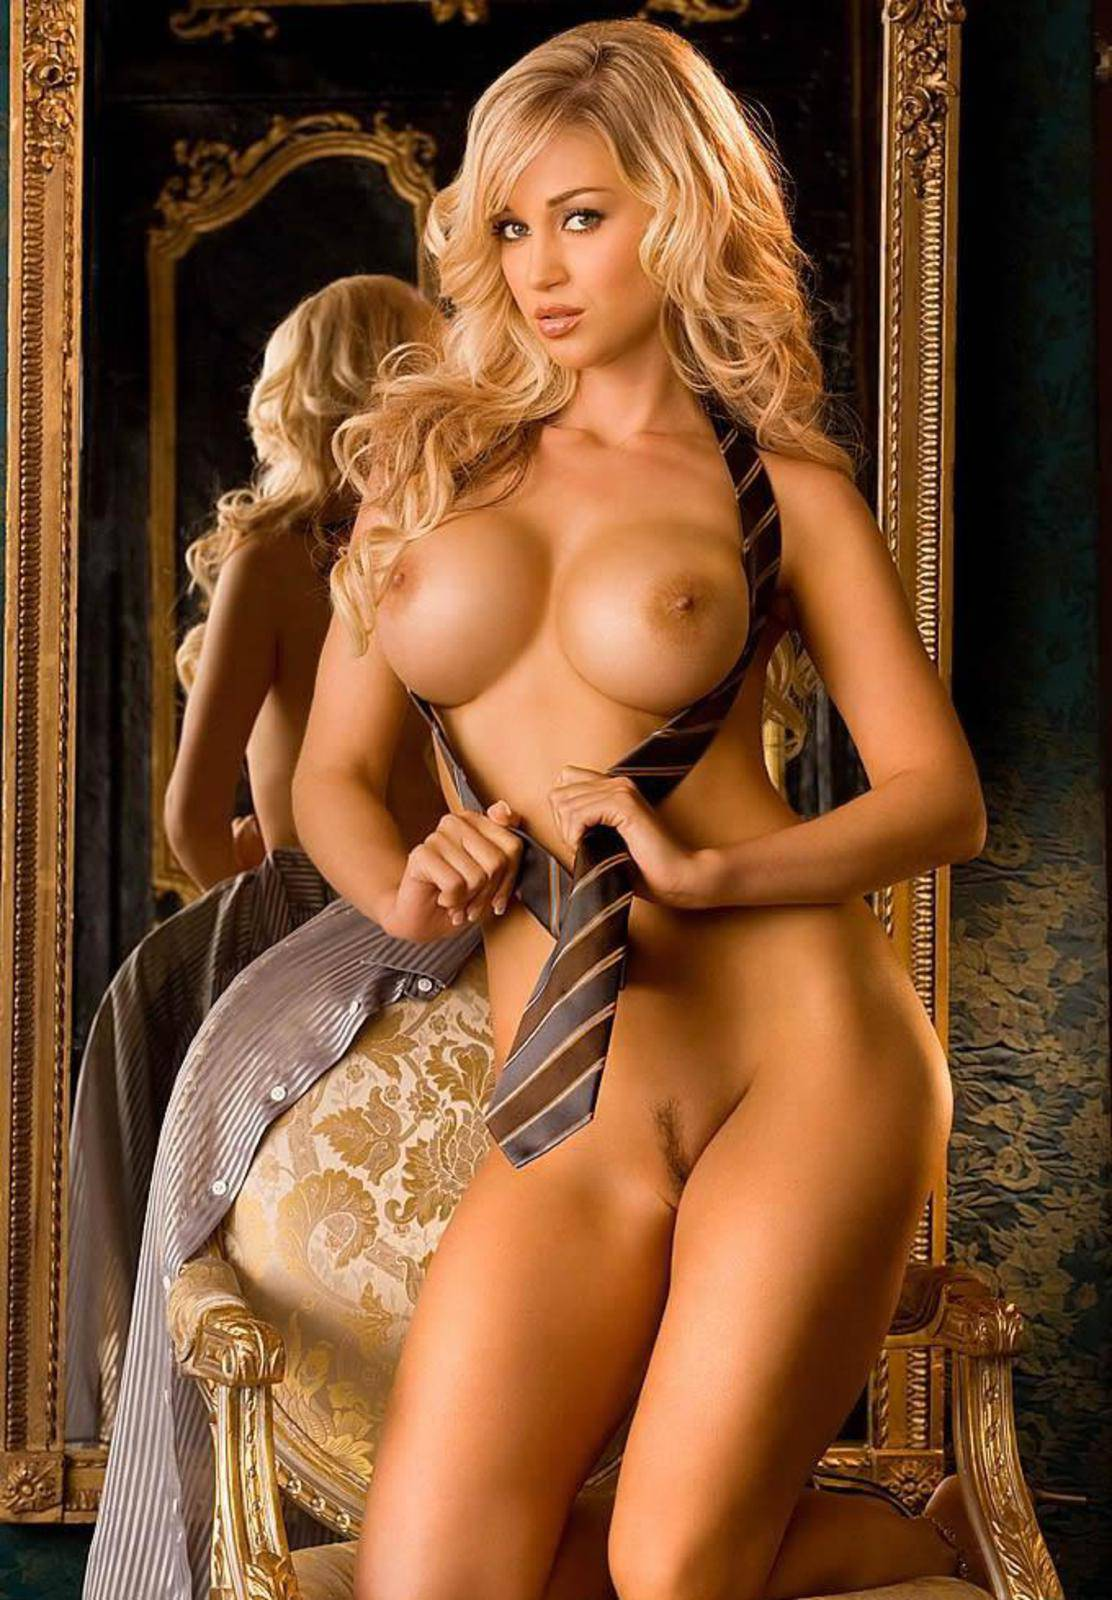 Фото голая модель 16 фотография